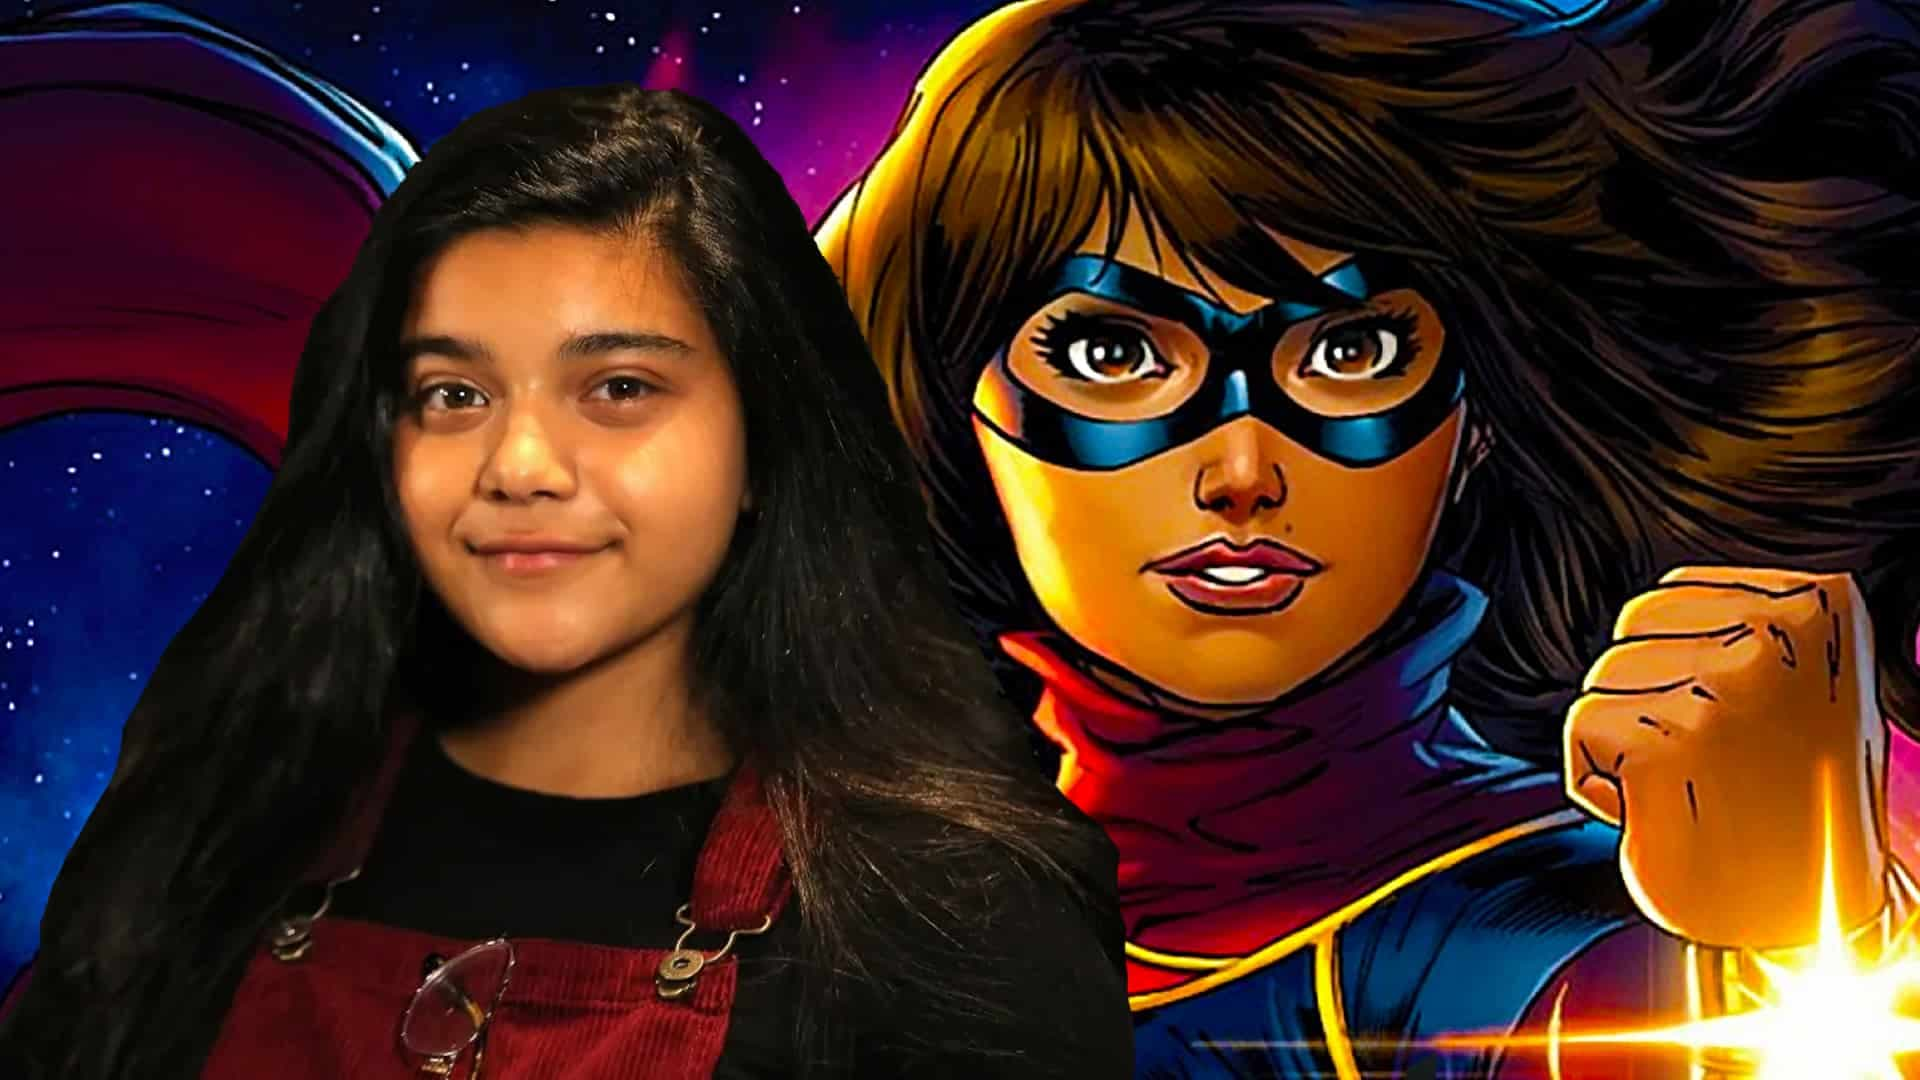 La serie Ms Marvel estrena en Disney Plus después de Hawkeye